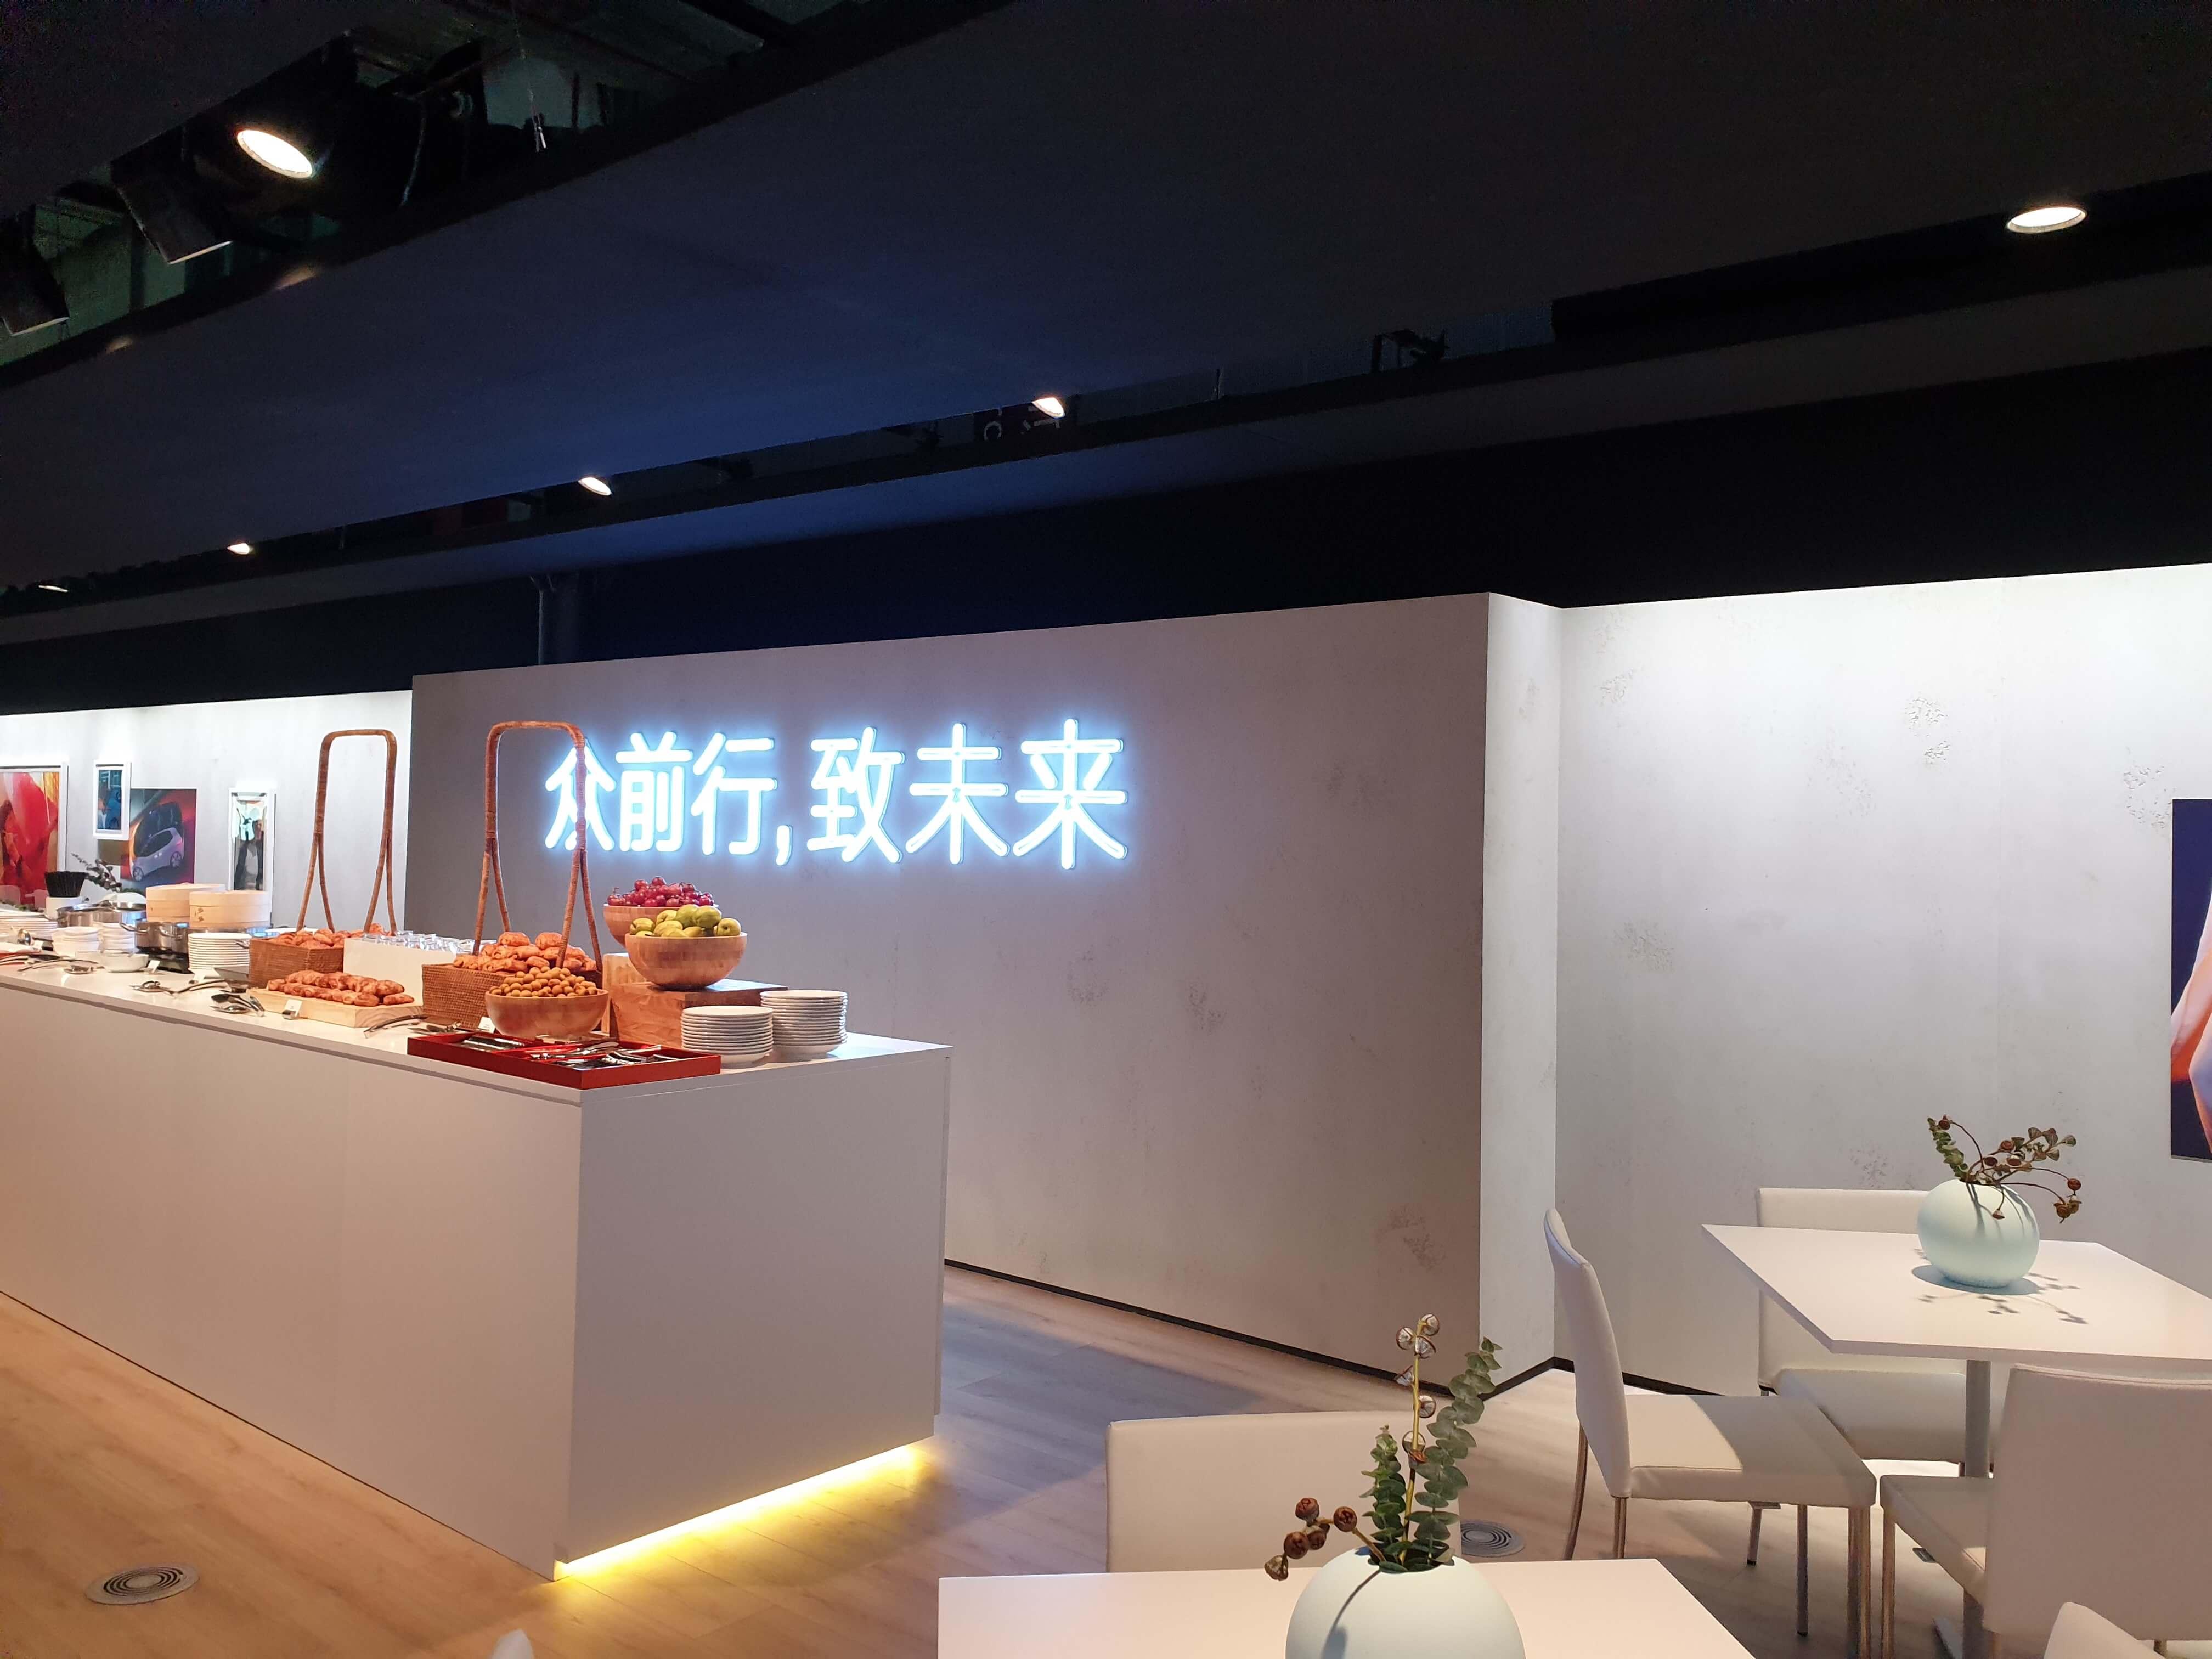 2019 Shanghai